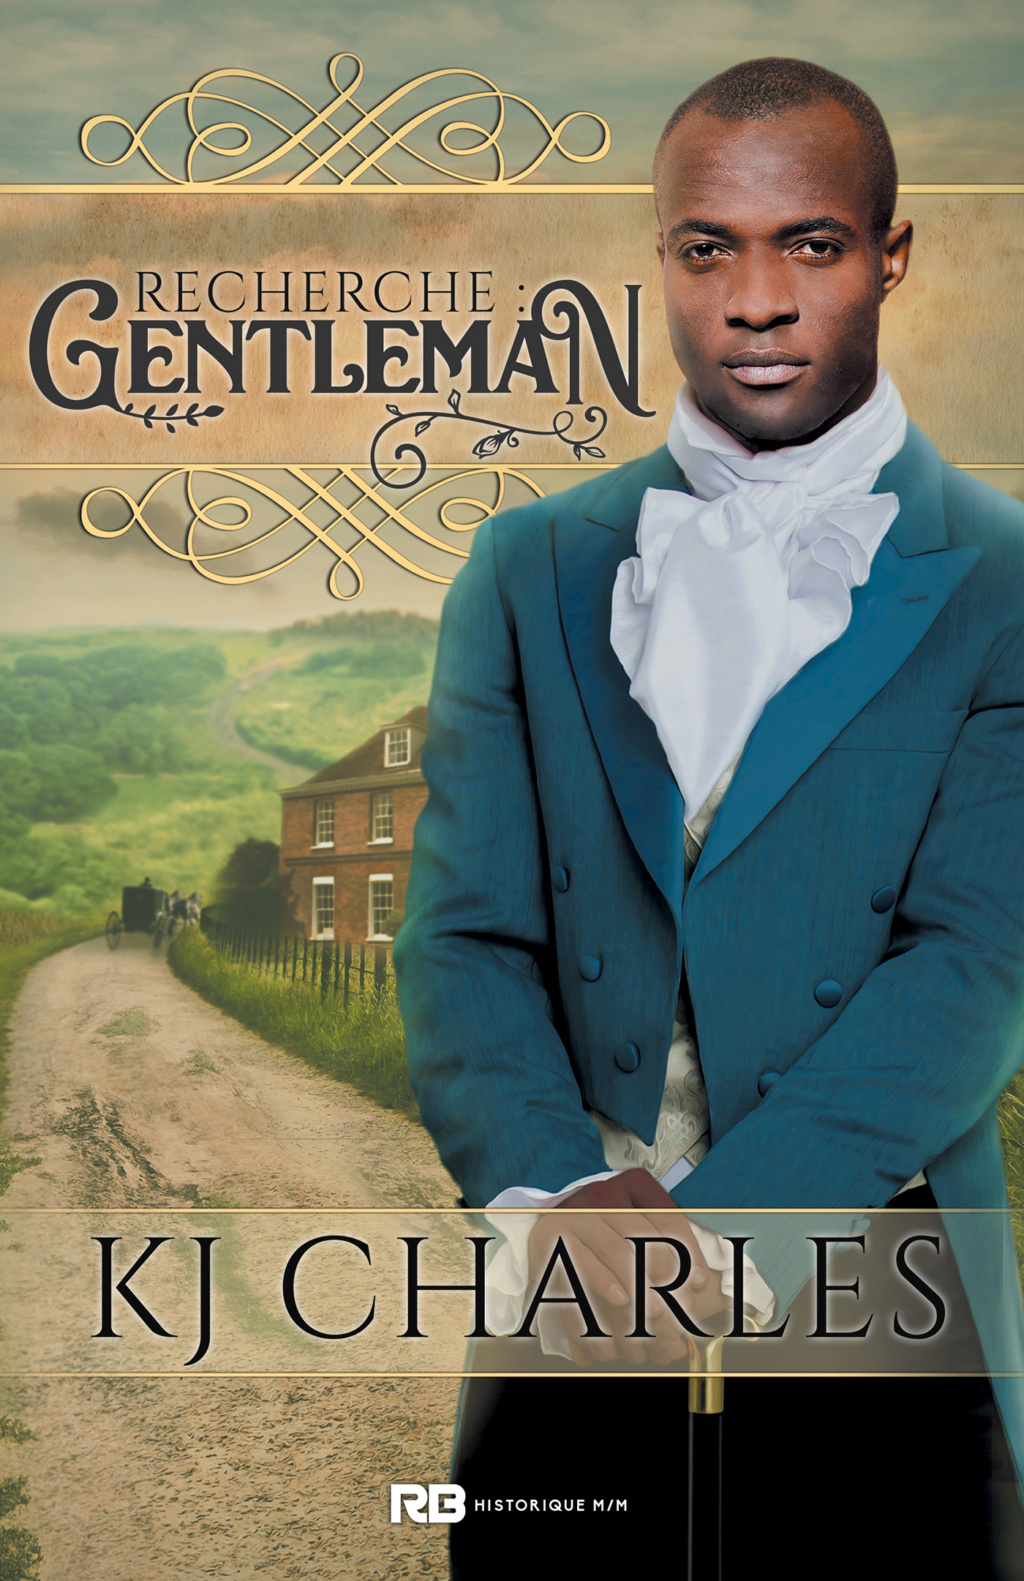 Recherche : gentleman de K.J. Charles Recher10